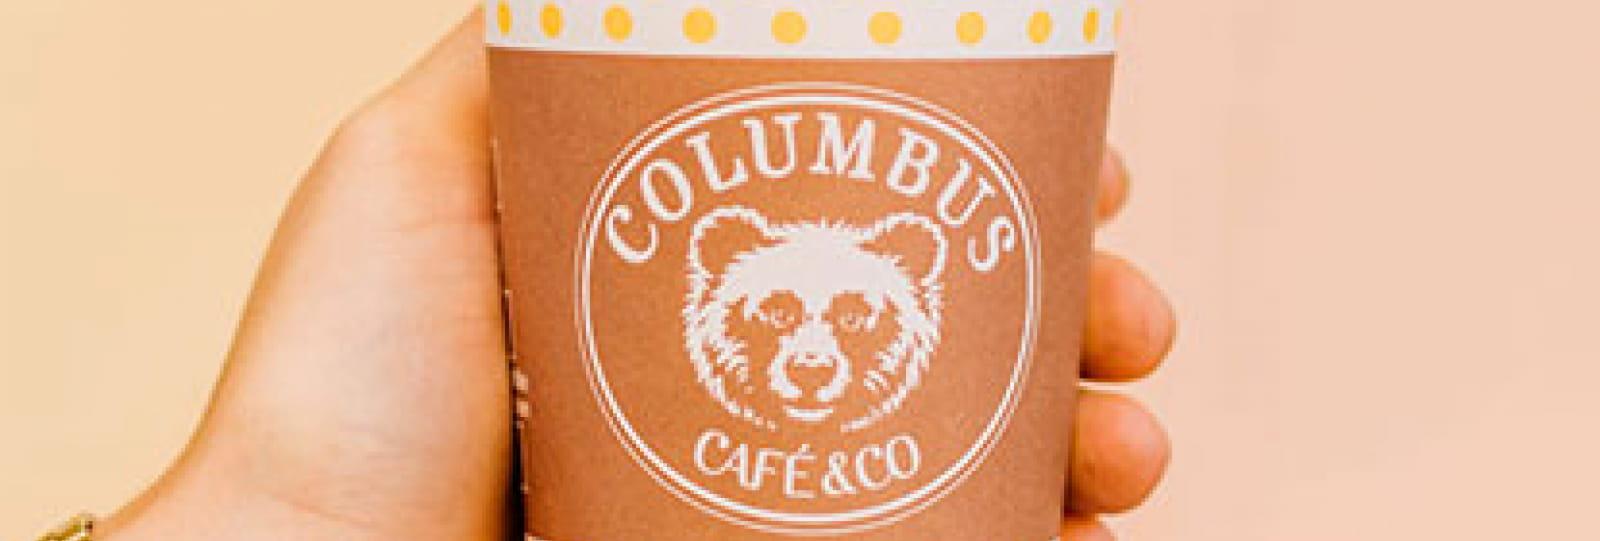 Marques Avenue - Columbus Café